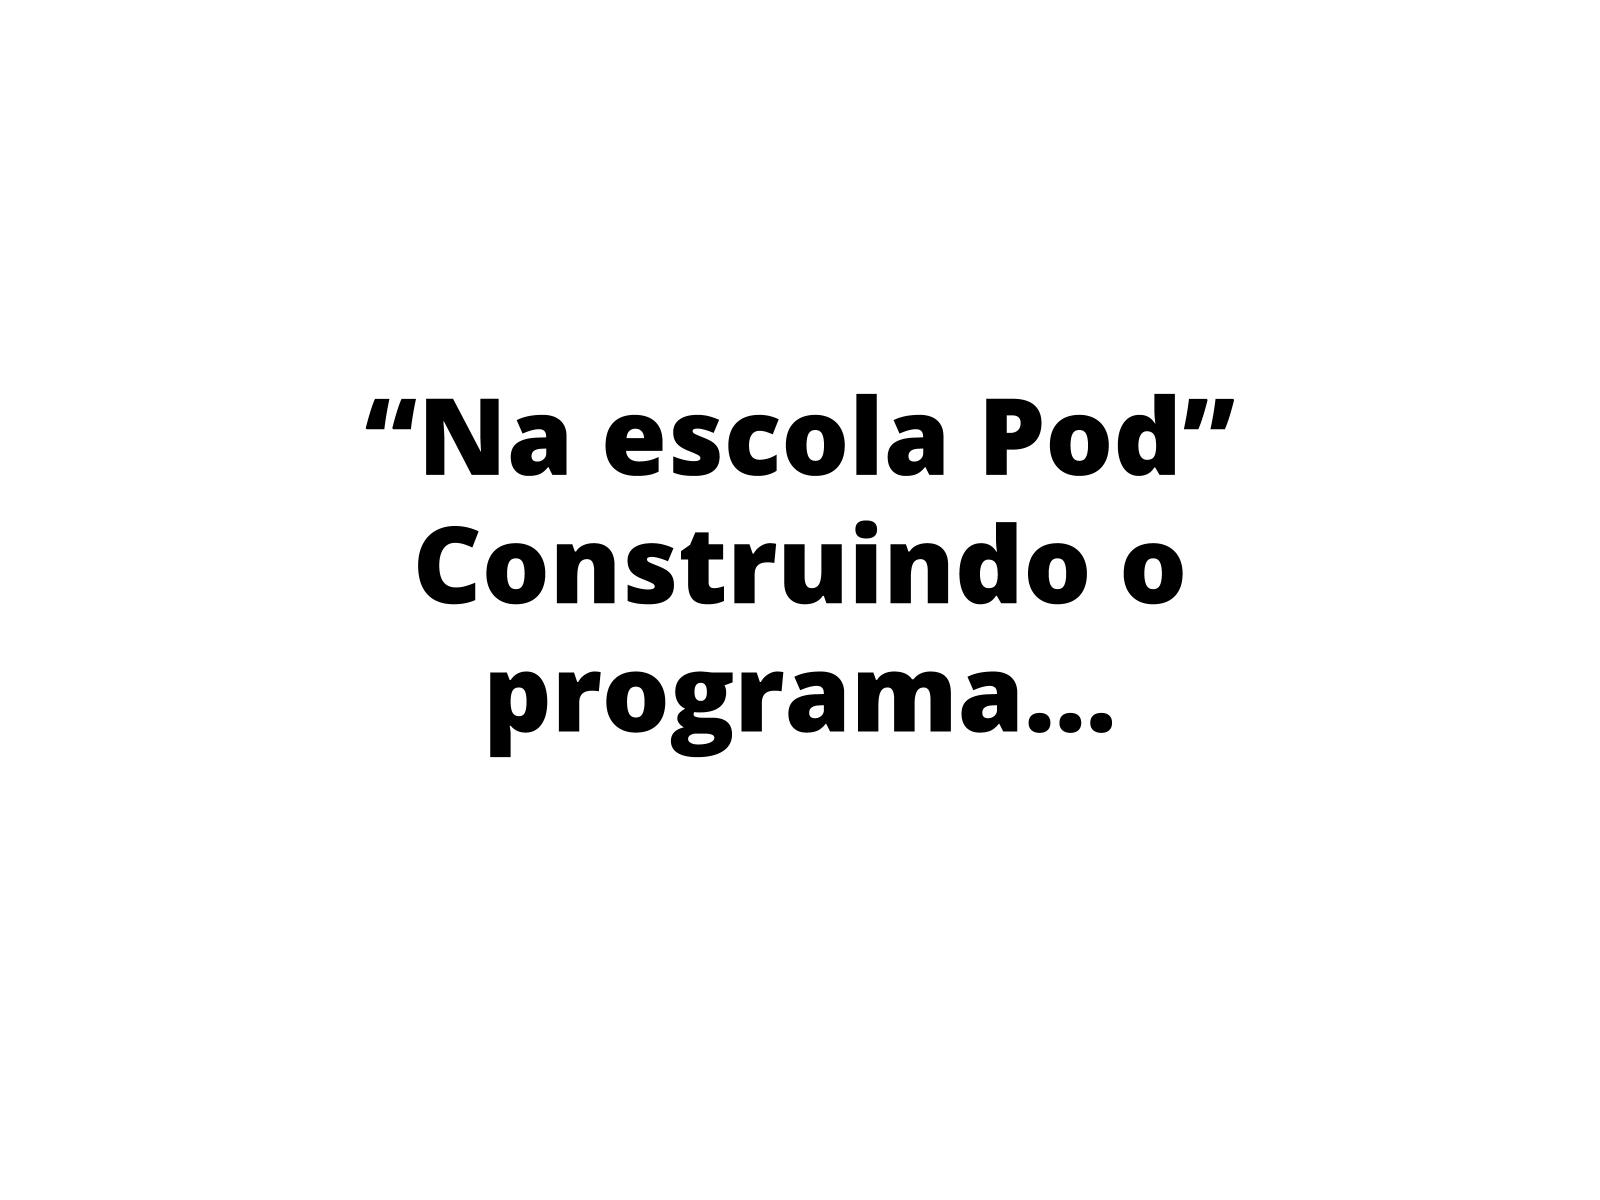 """Construindo o programa """"Na escola Pod"""" através de Podcasts de divulgação científica."""